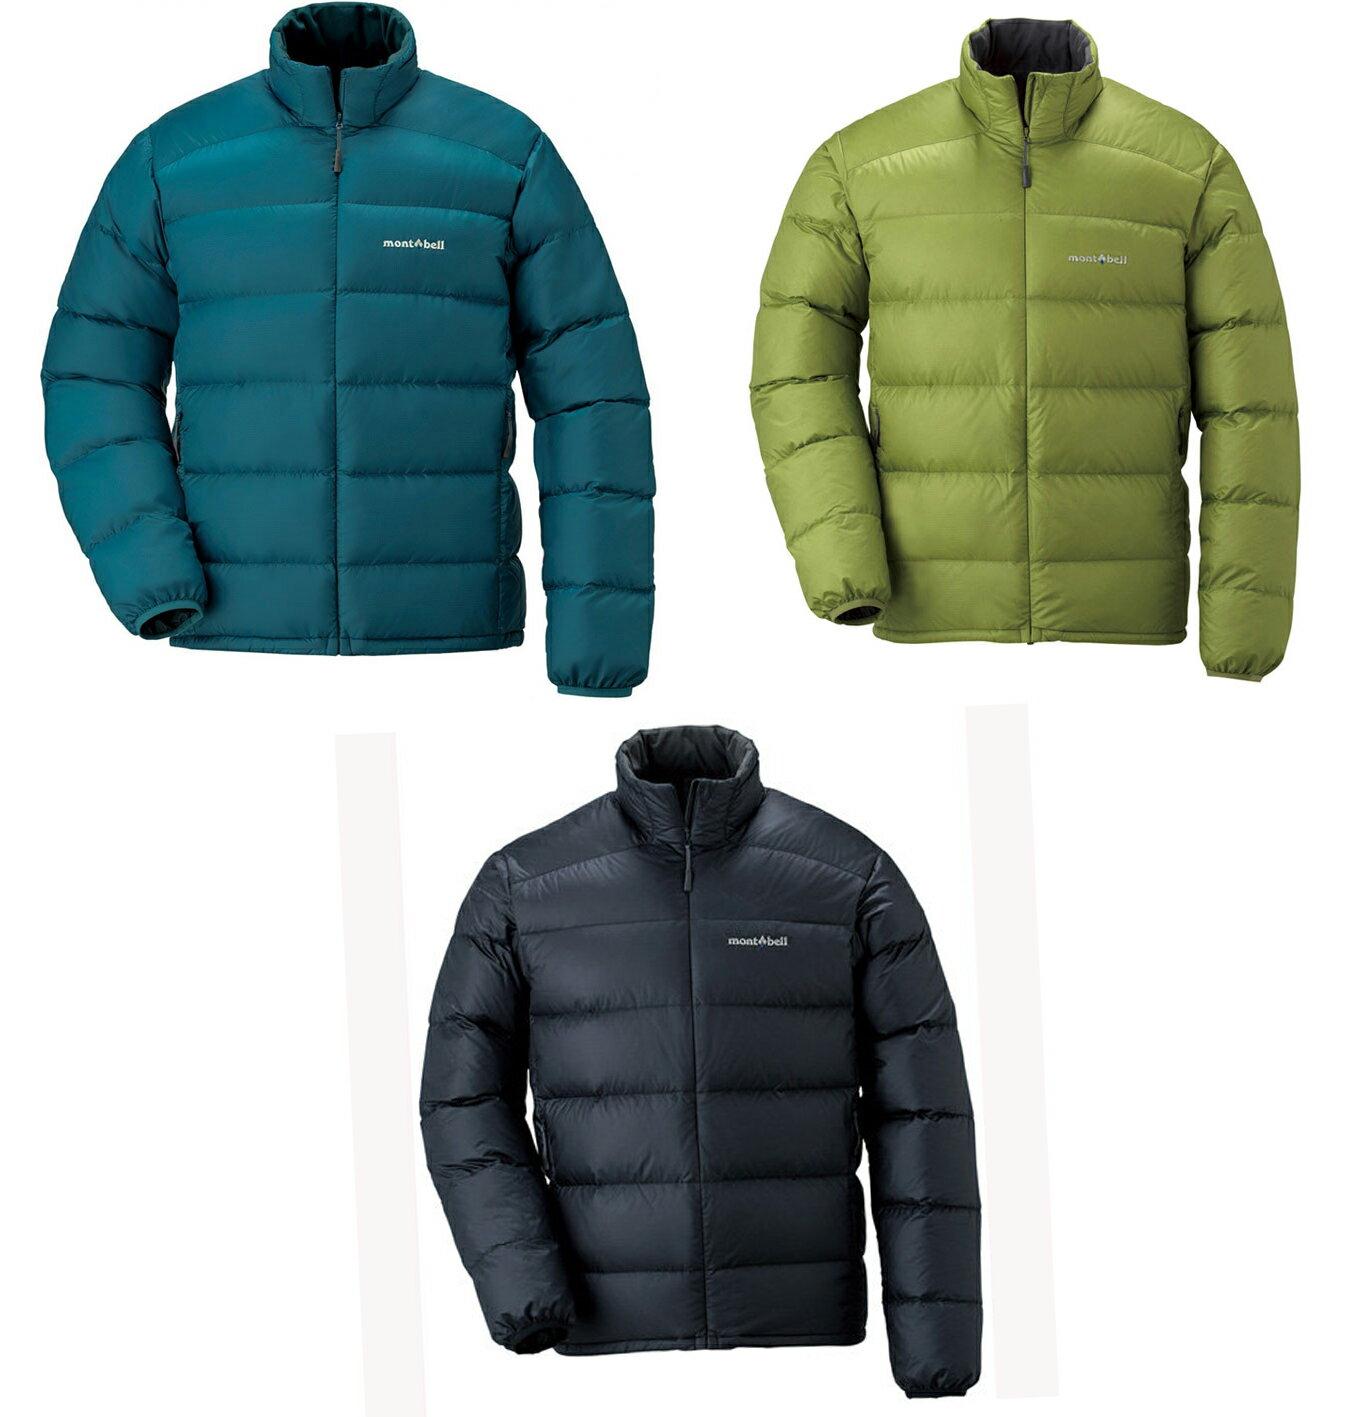 【露營趣】中和 Mont-Bell 1101428 Light Alpine down jackt 輕量羽絨外套 羽絨外套 男款